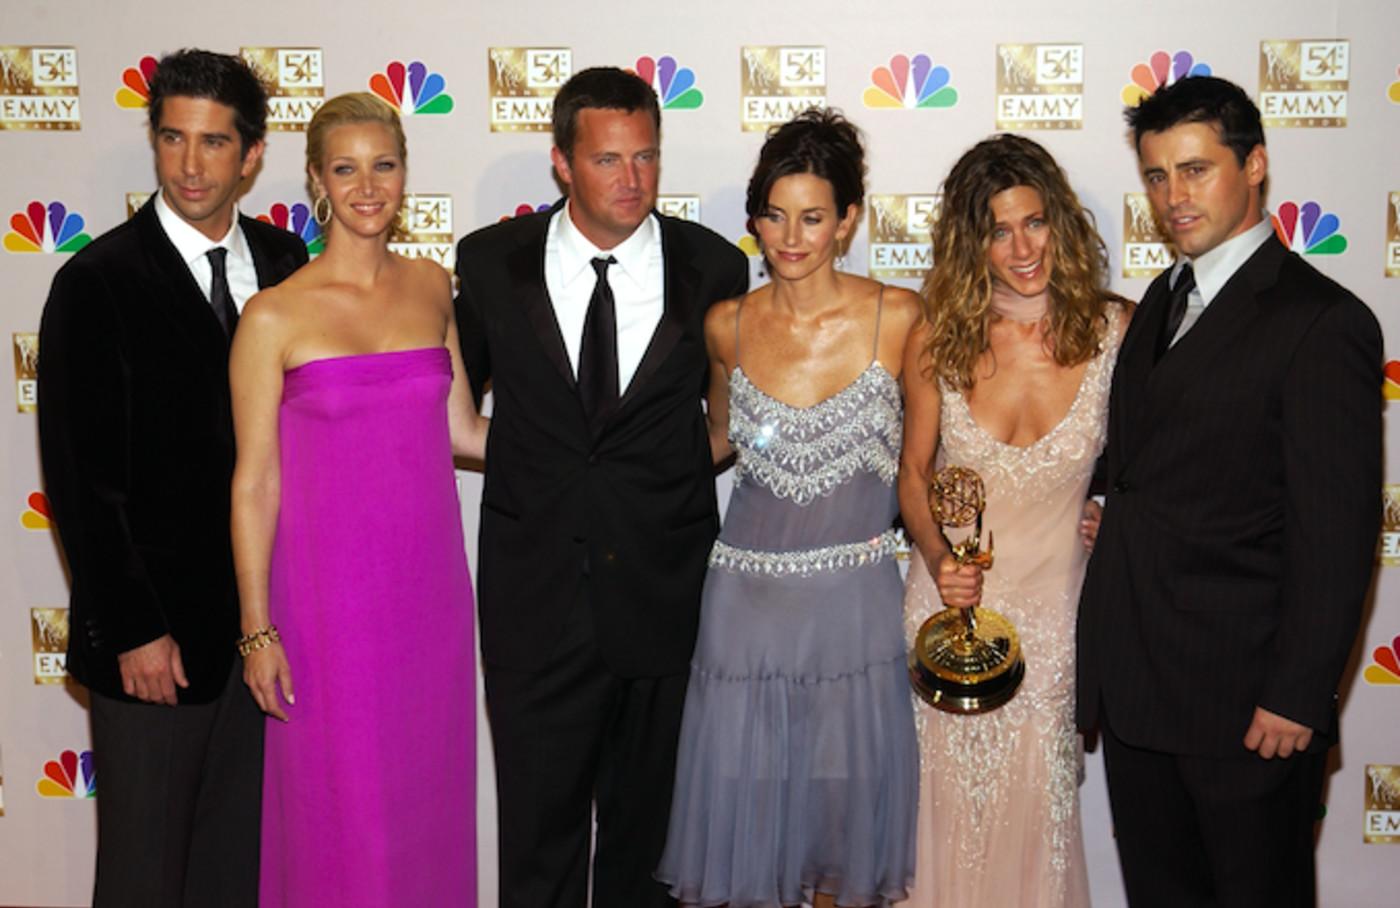 'Friends' cast